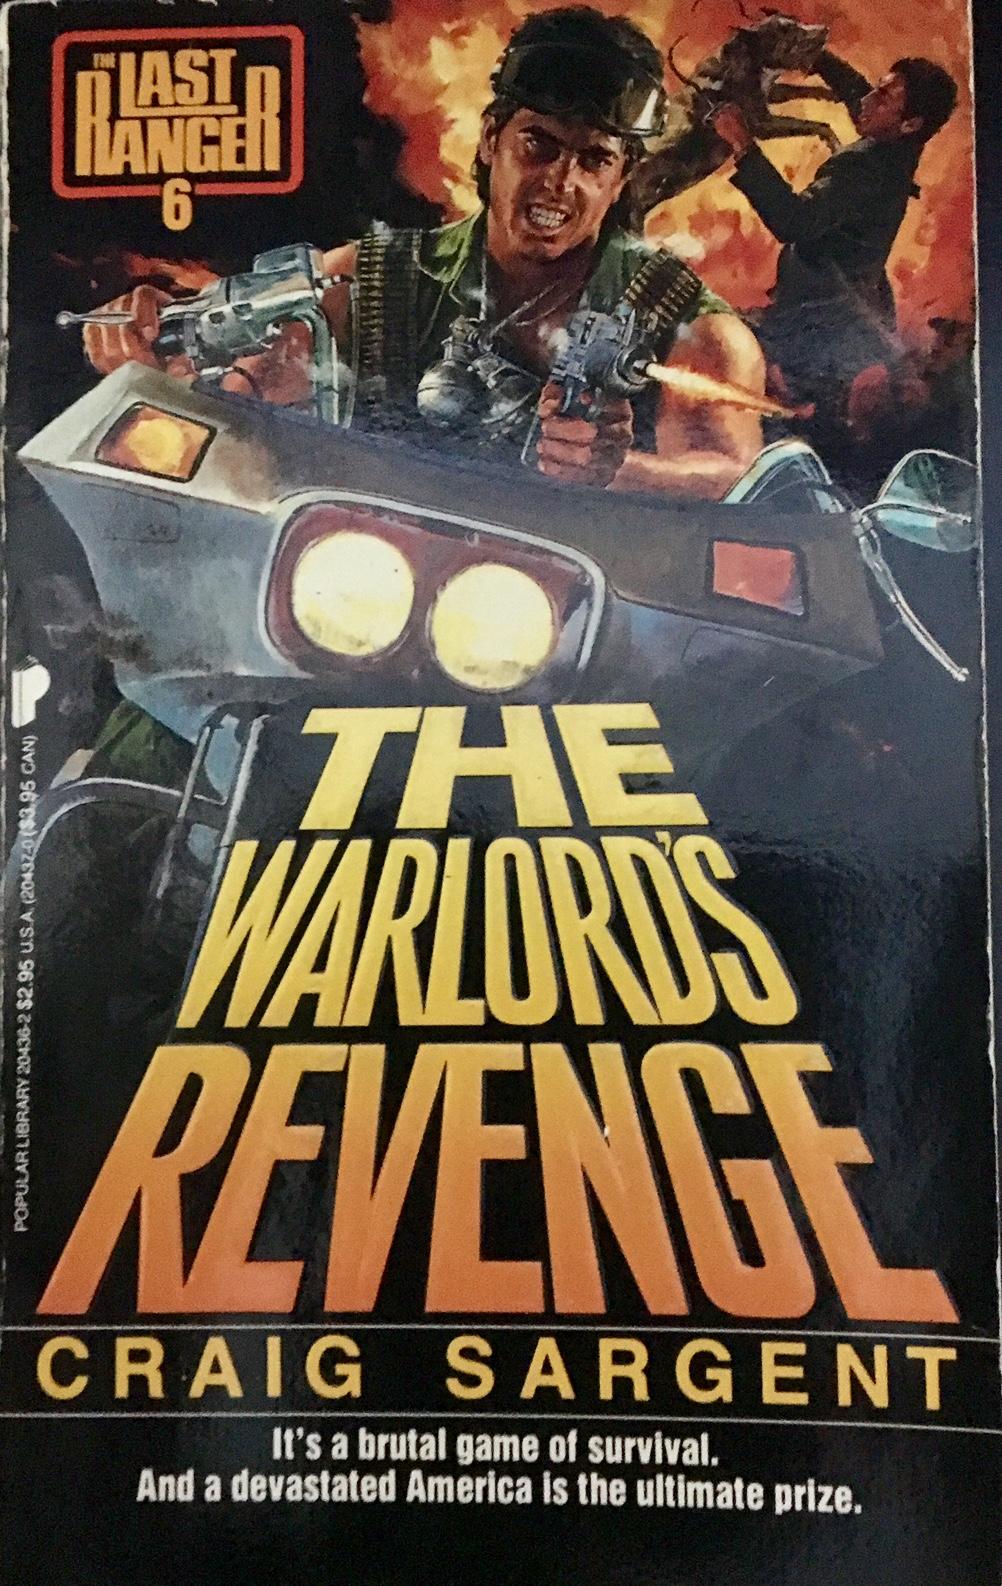 Last Ranger #06 - The Warlord's Revenge